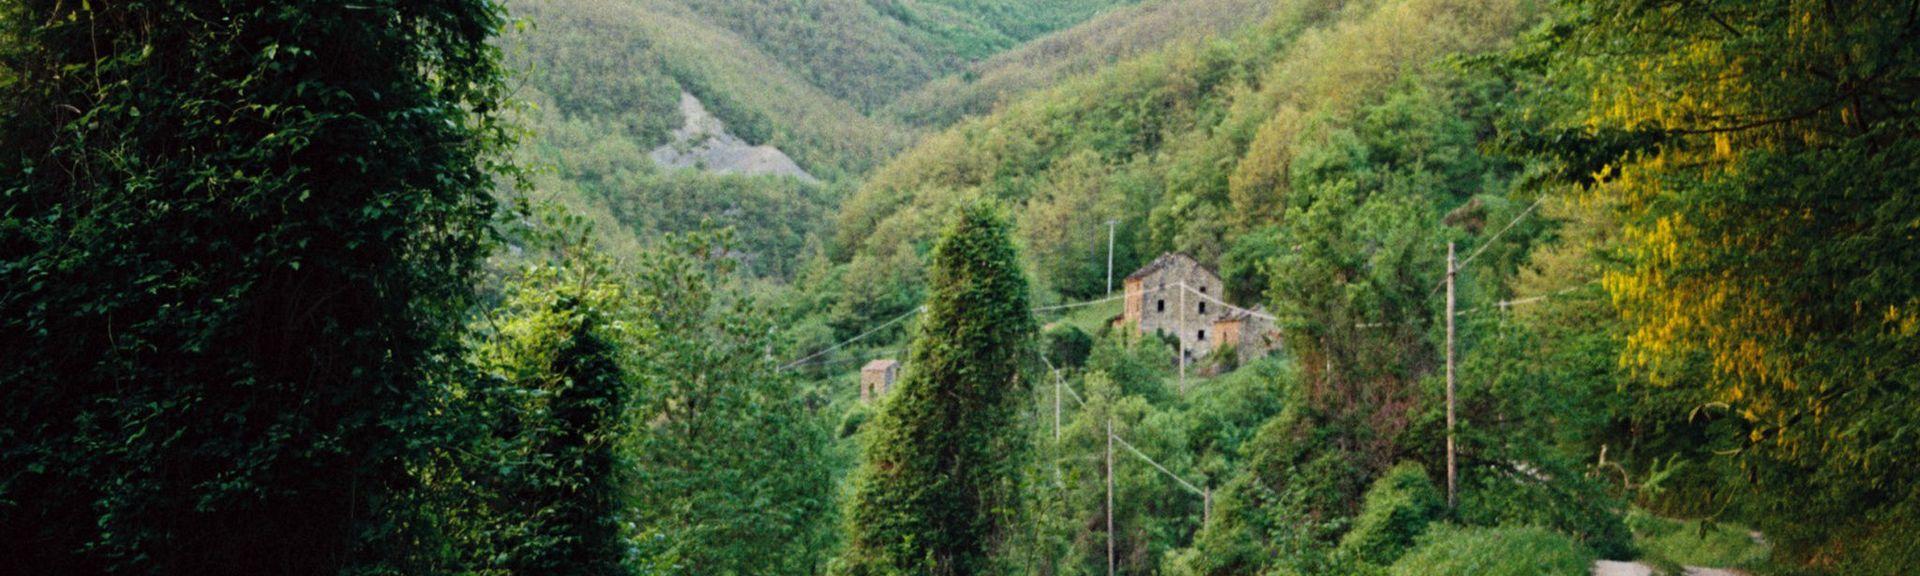 Solignano, Parma, Emilia-Romagna, Italy